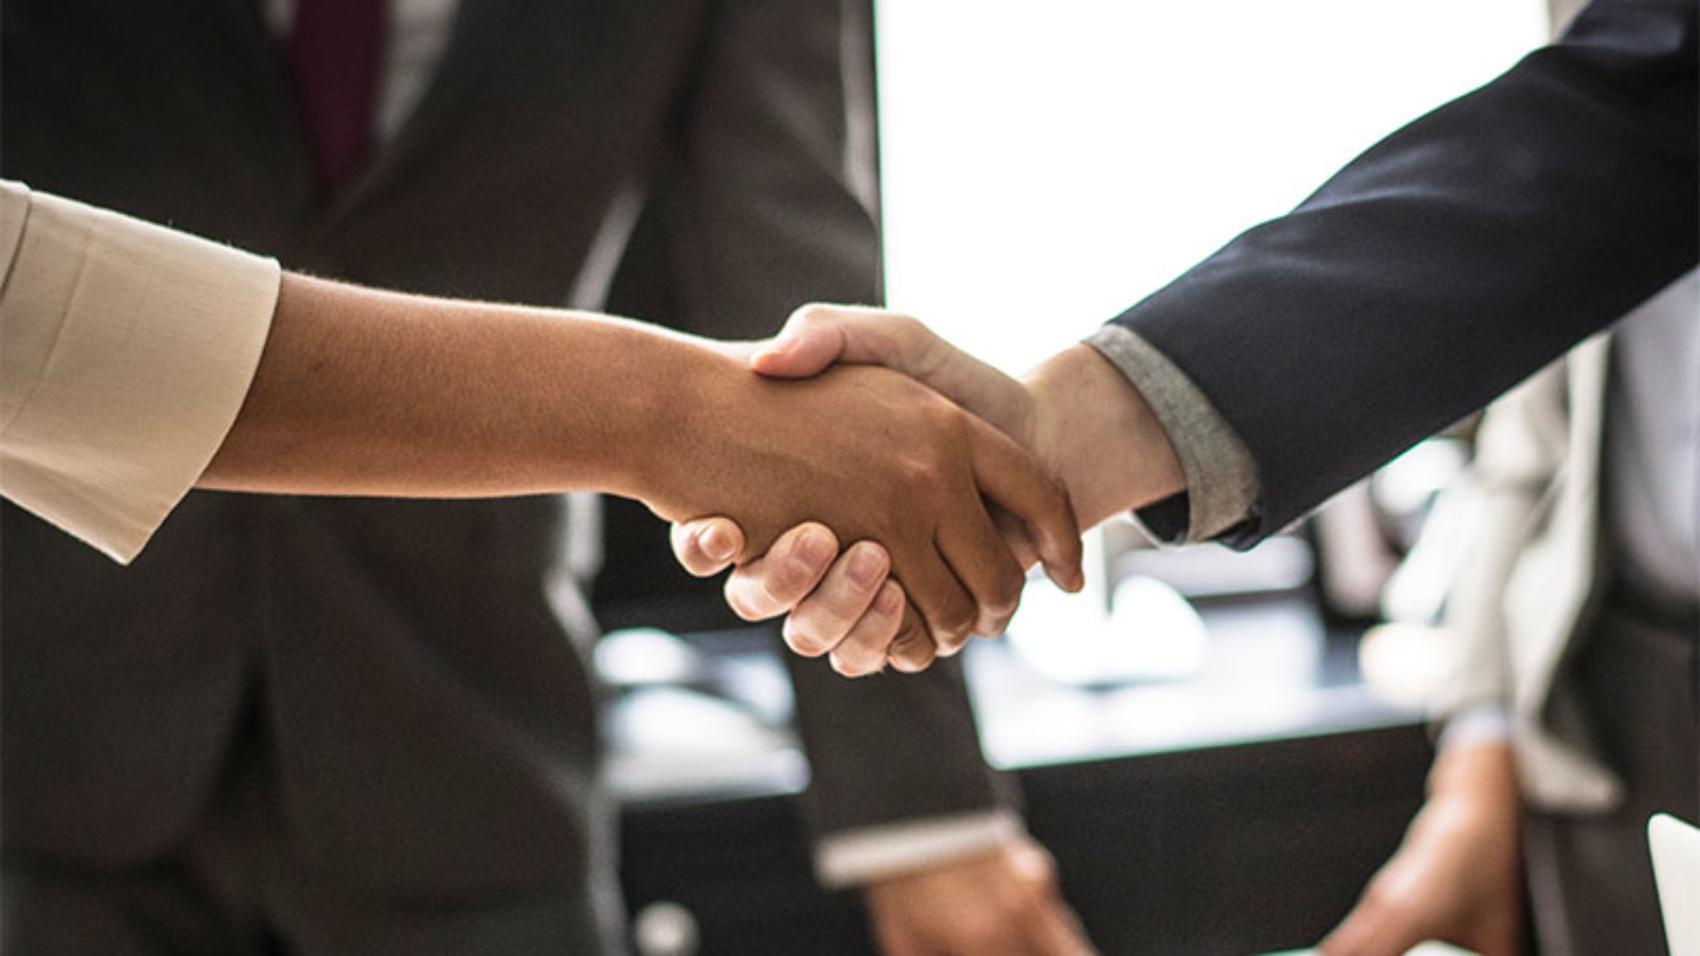 Handshake business partnership